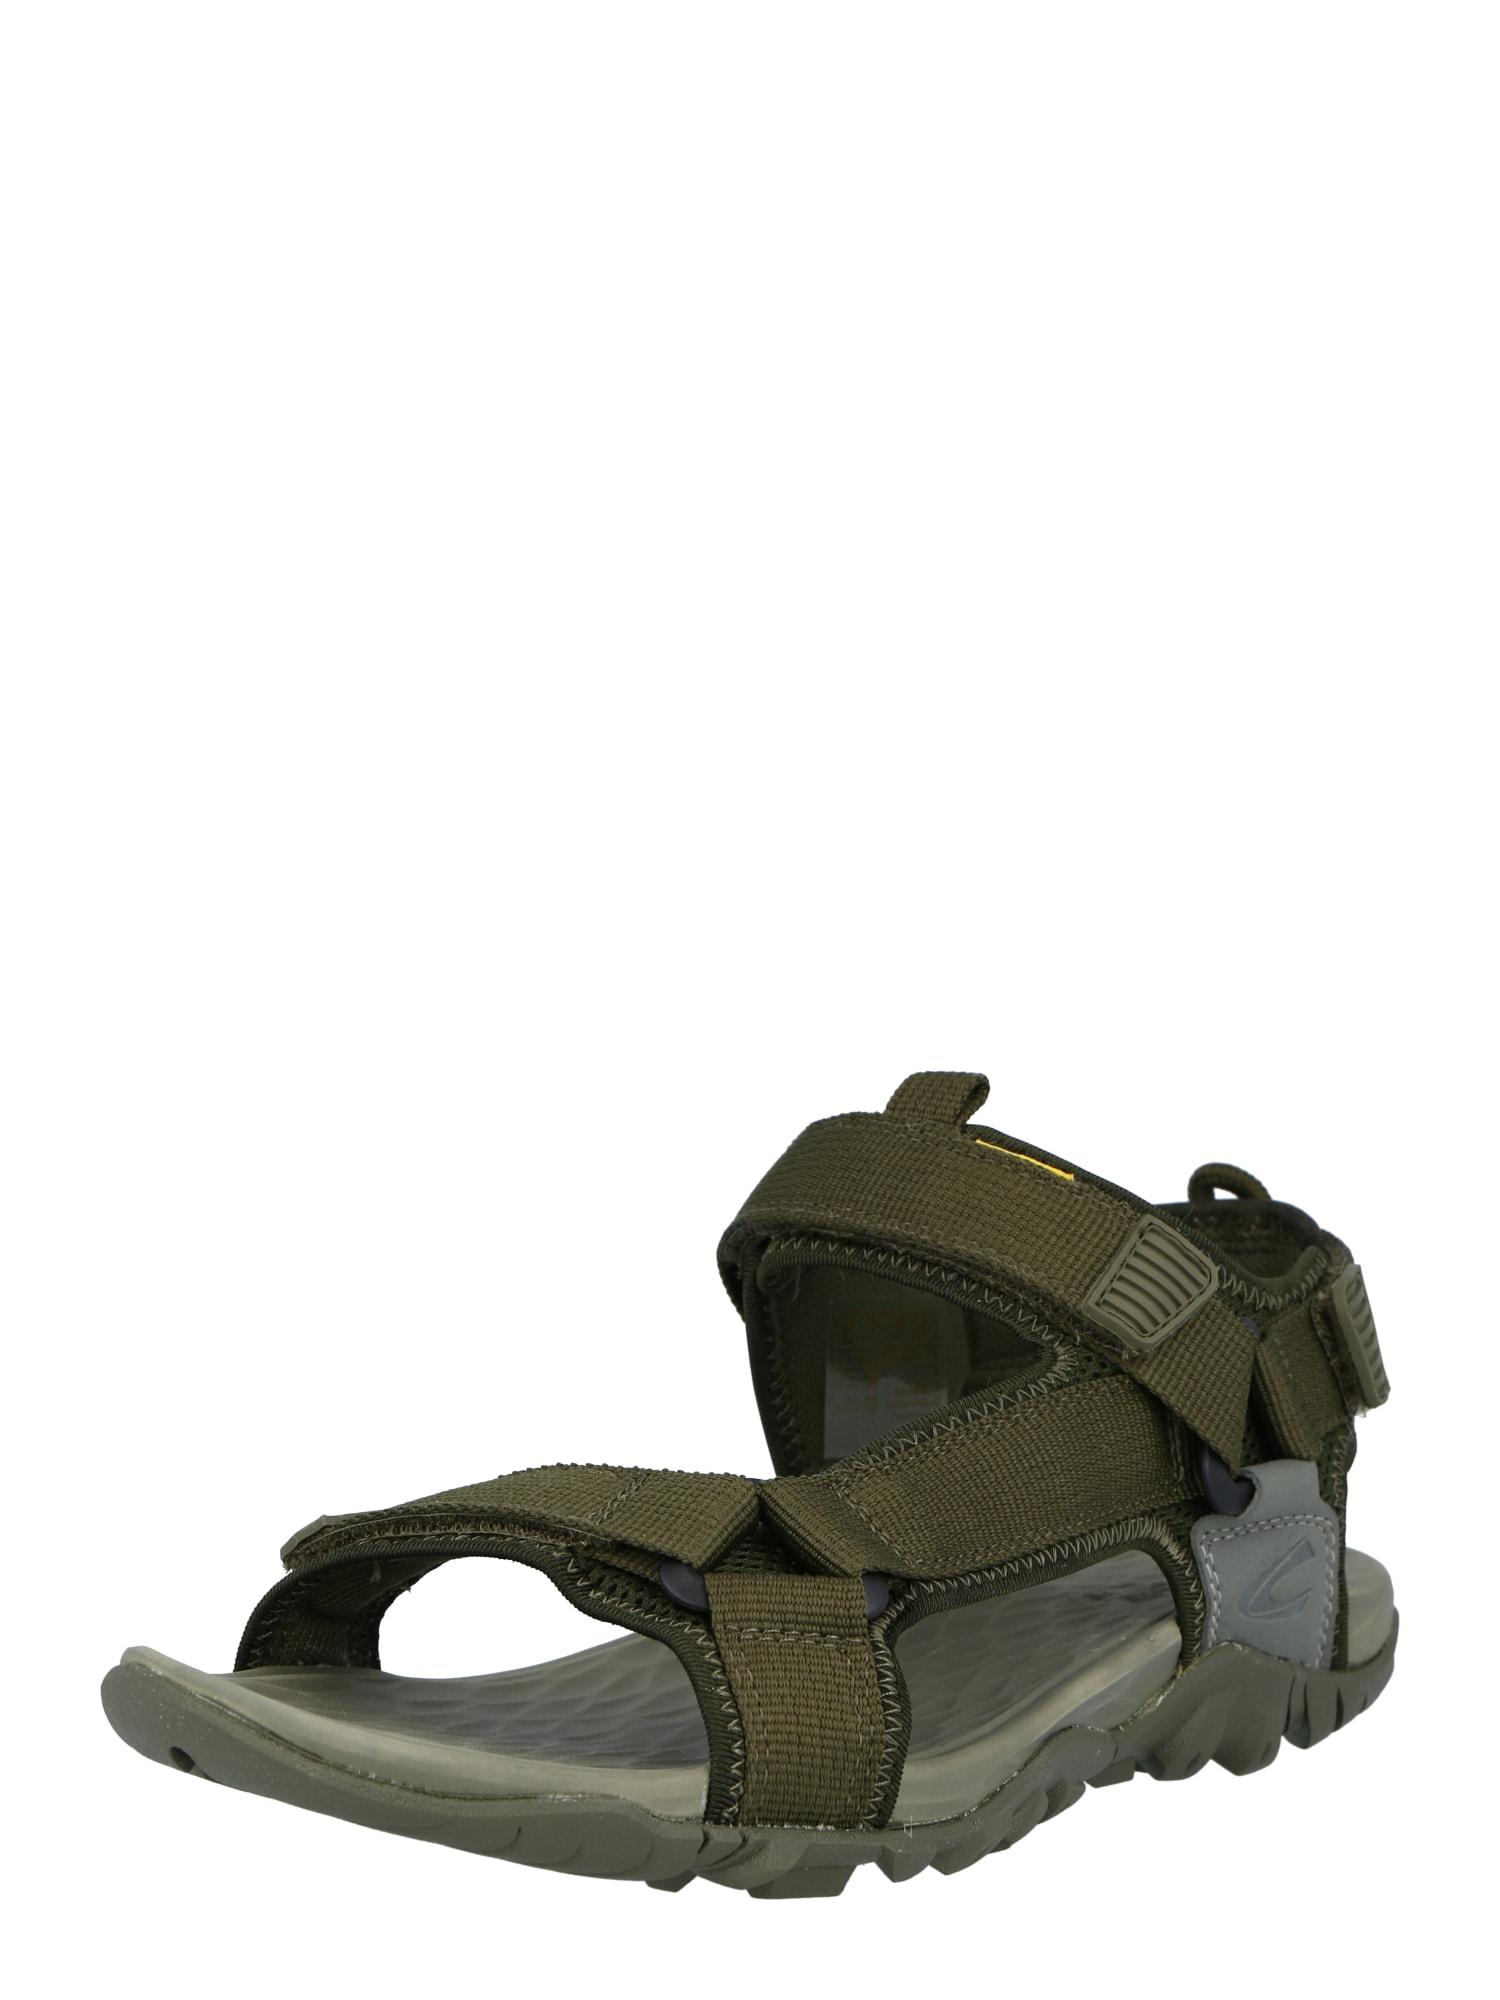 CAMEL ACTIVE Sportinio tipo sandalai alyvuogių spalva